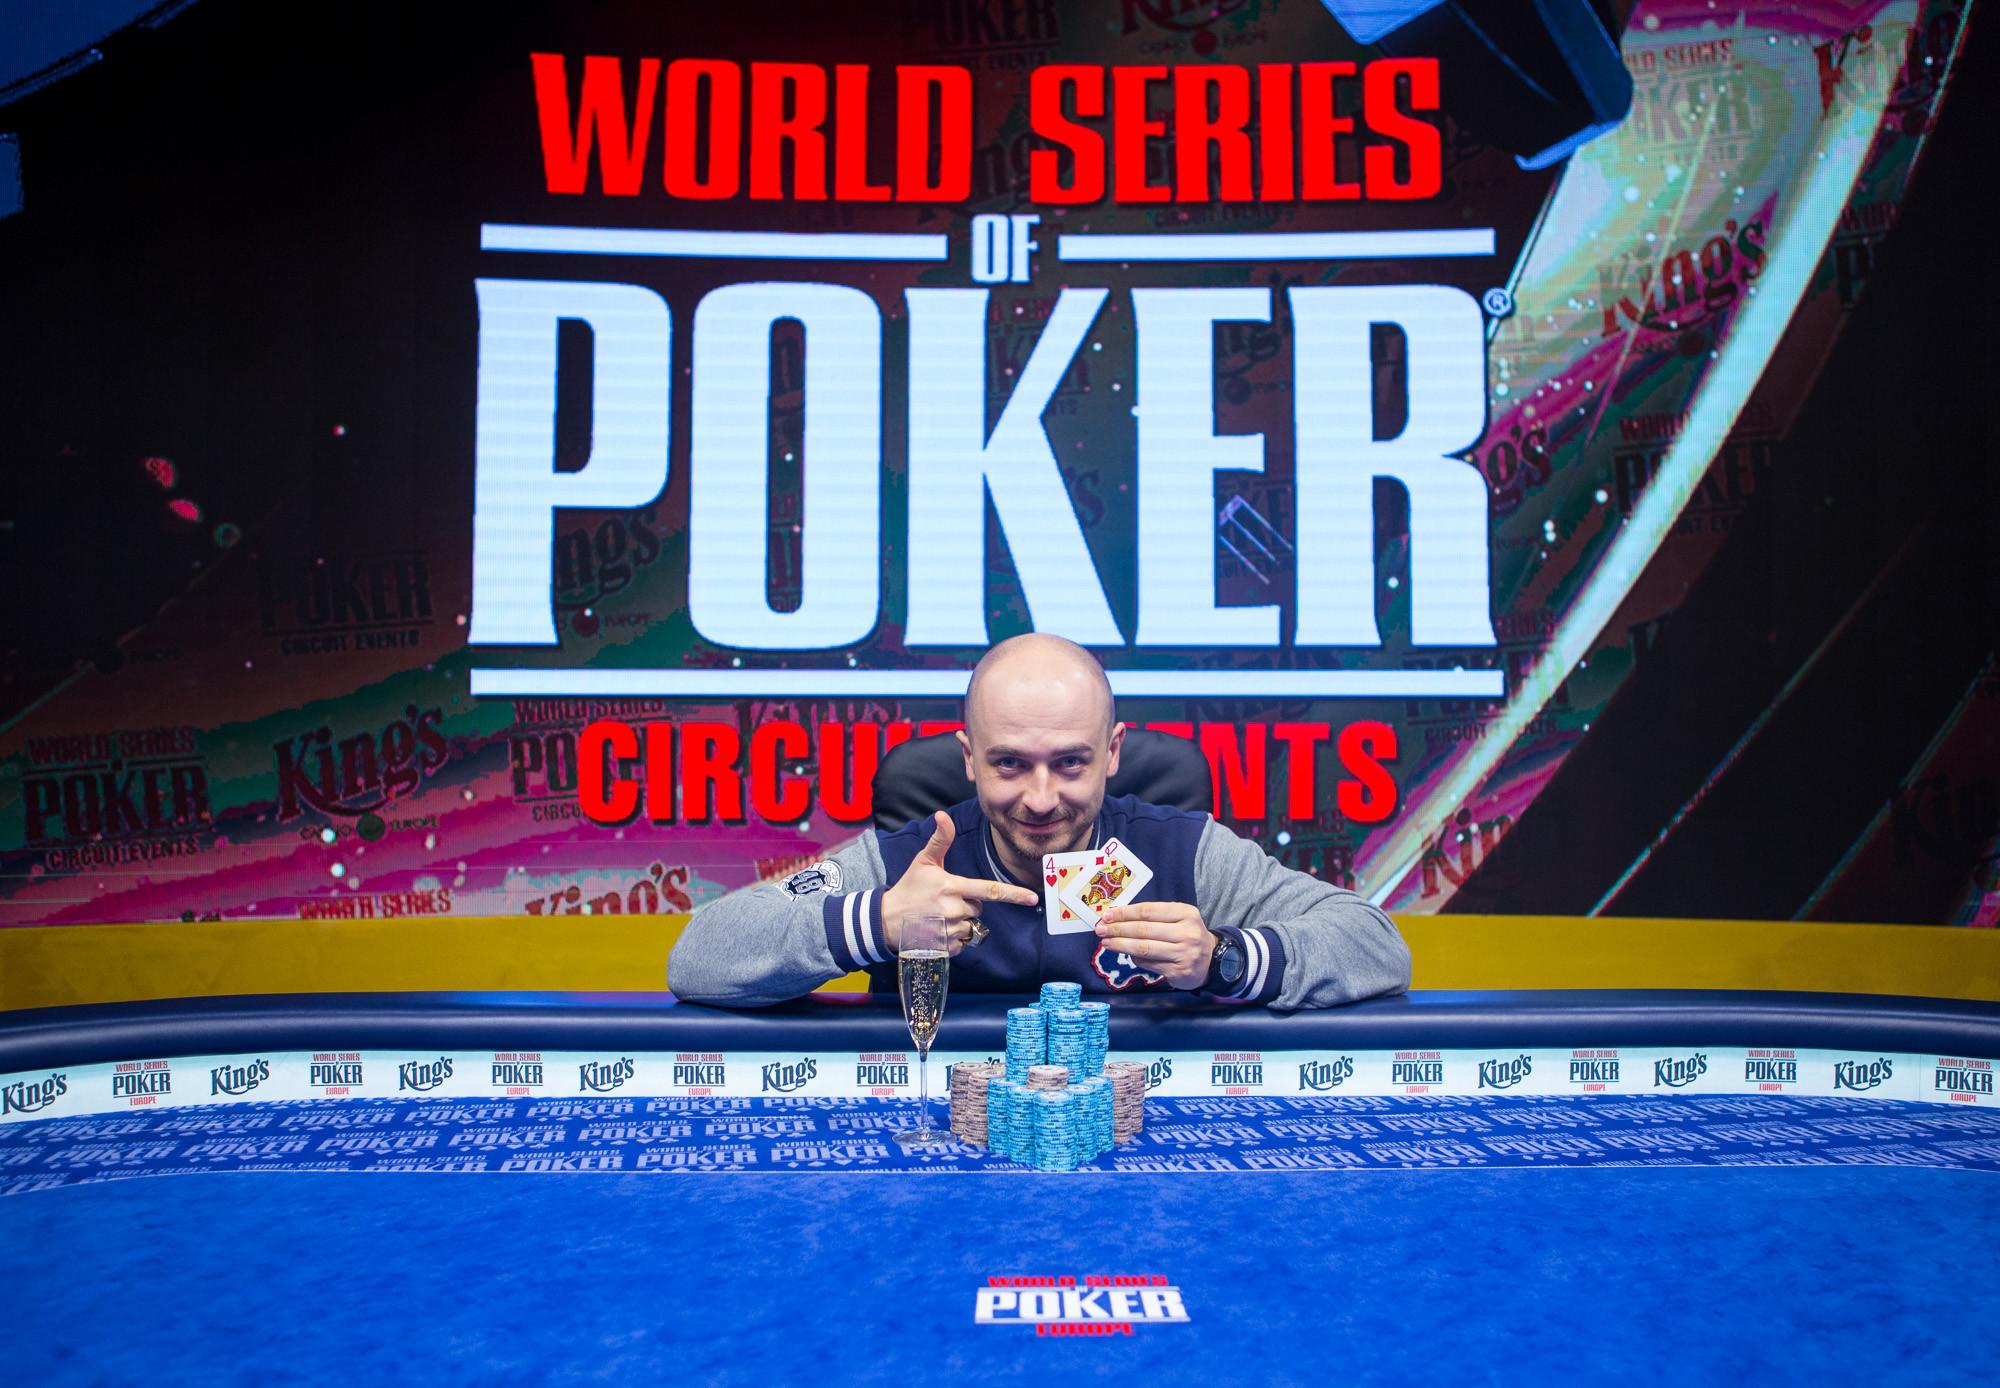 Pai poker